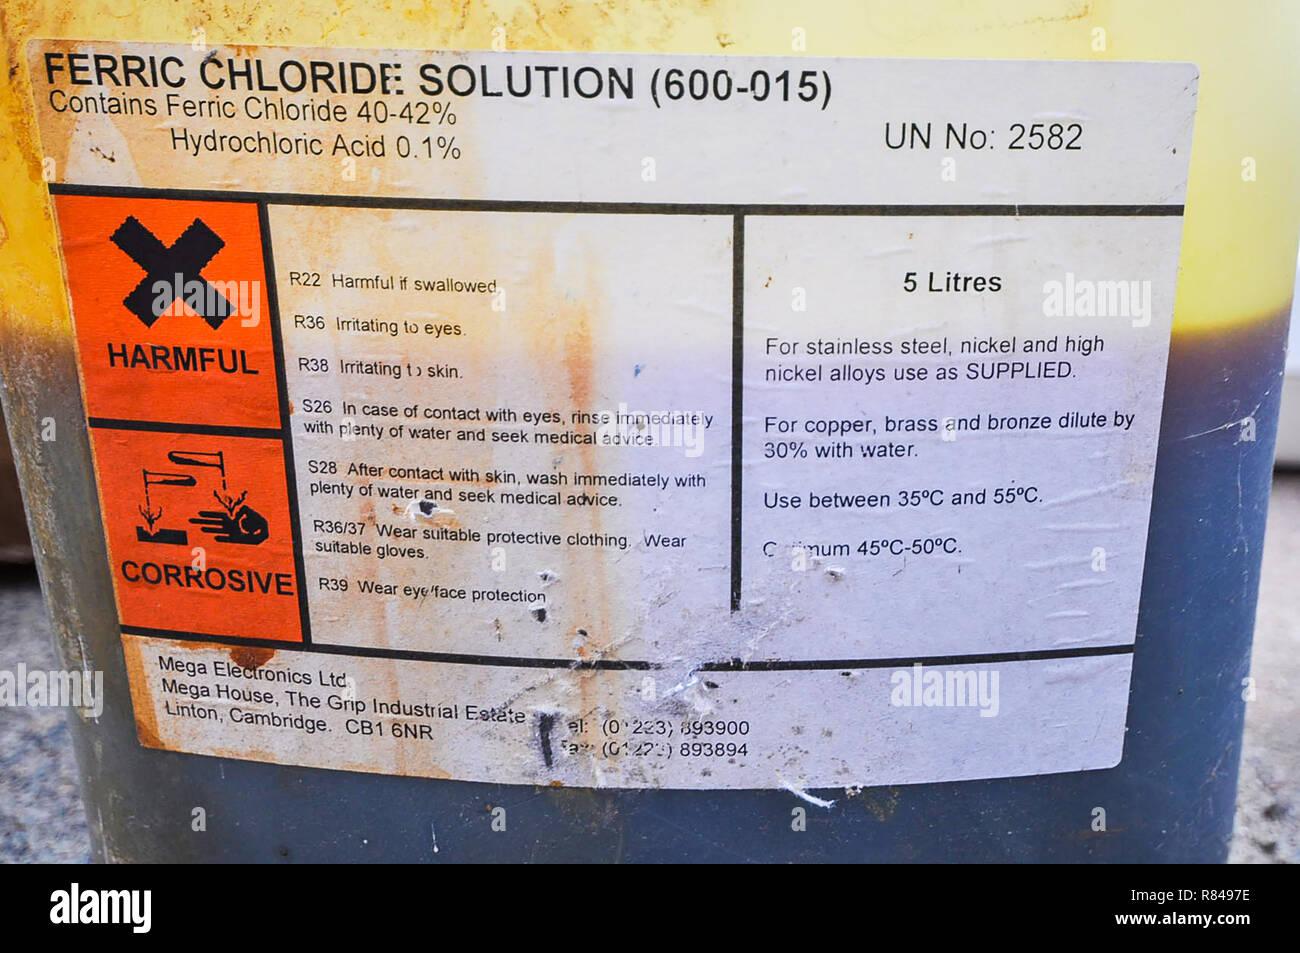 Solution de chlorure ferrique contenant, à la rude. Produits chimiques. Le chlorure de fer(III) nocif corrosif produit chimique. FeCI3. Gravure Gravure sur pcb pour produits chimiques Banque D'Images